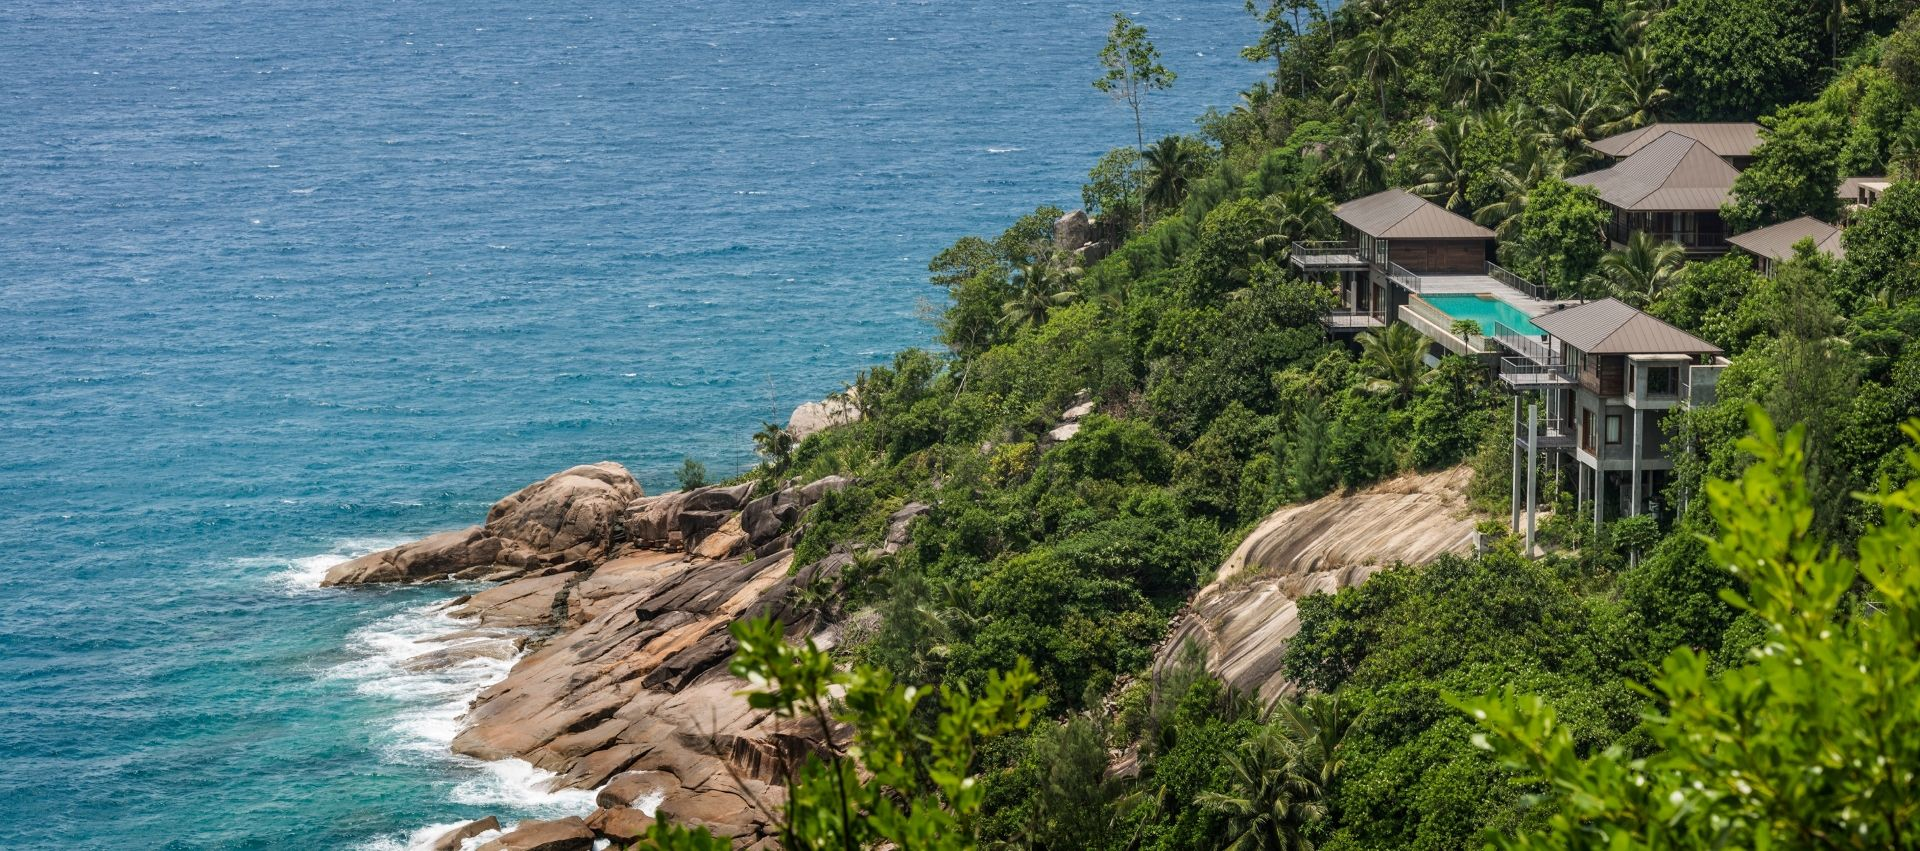 Paradise shoreline